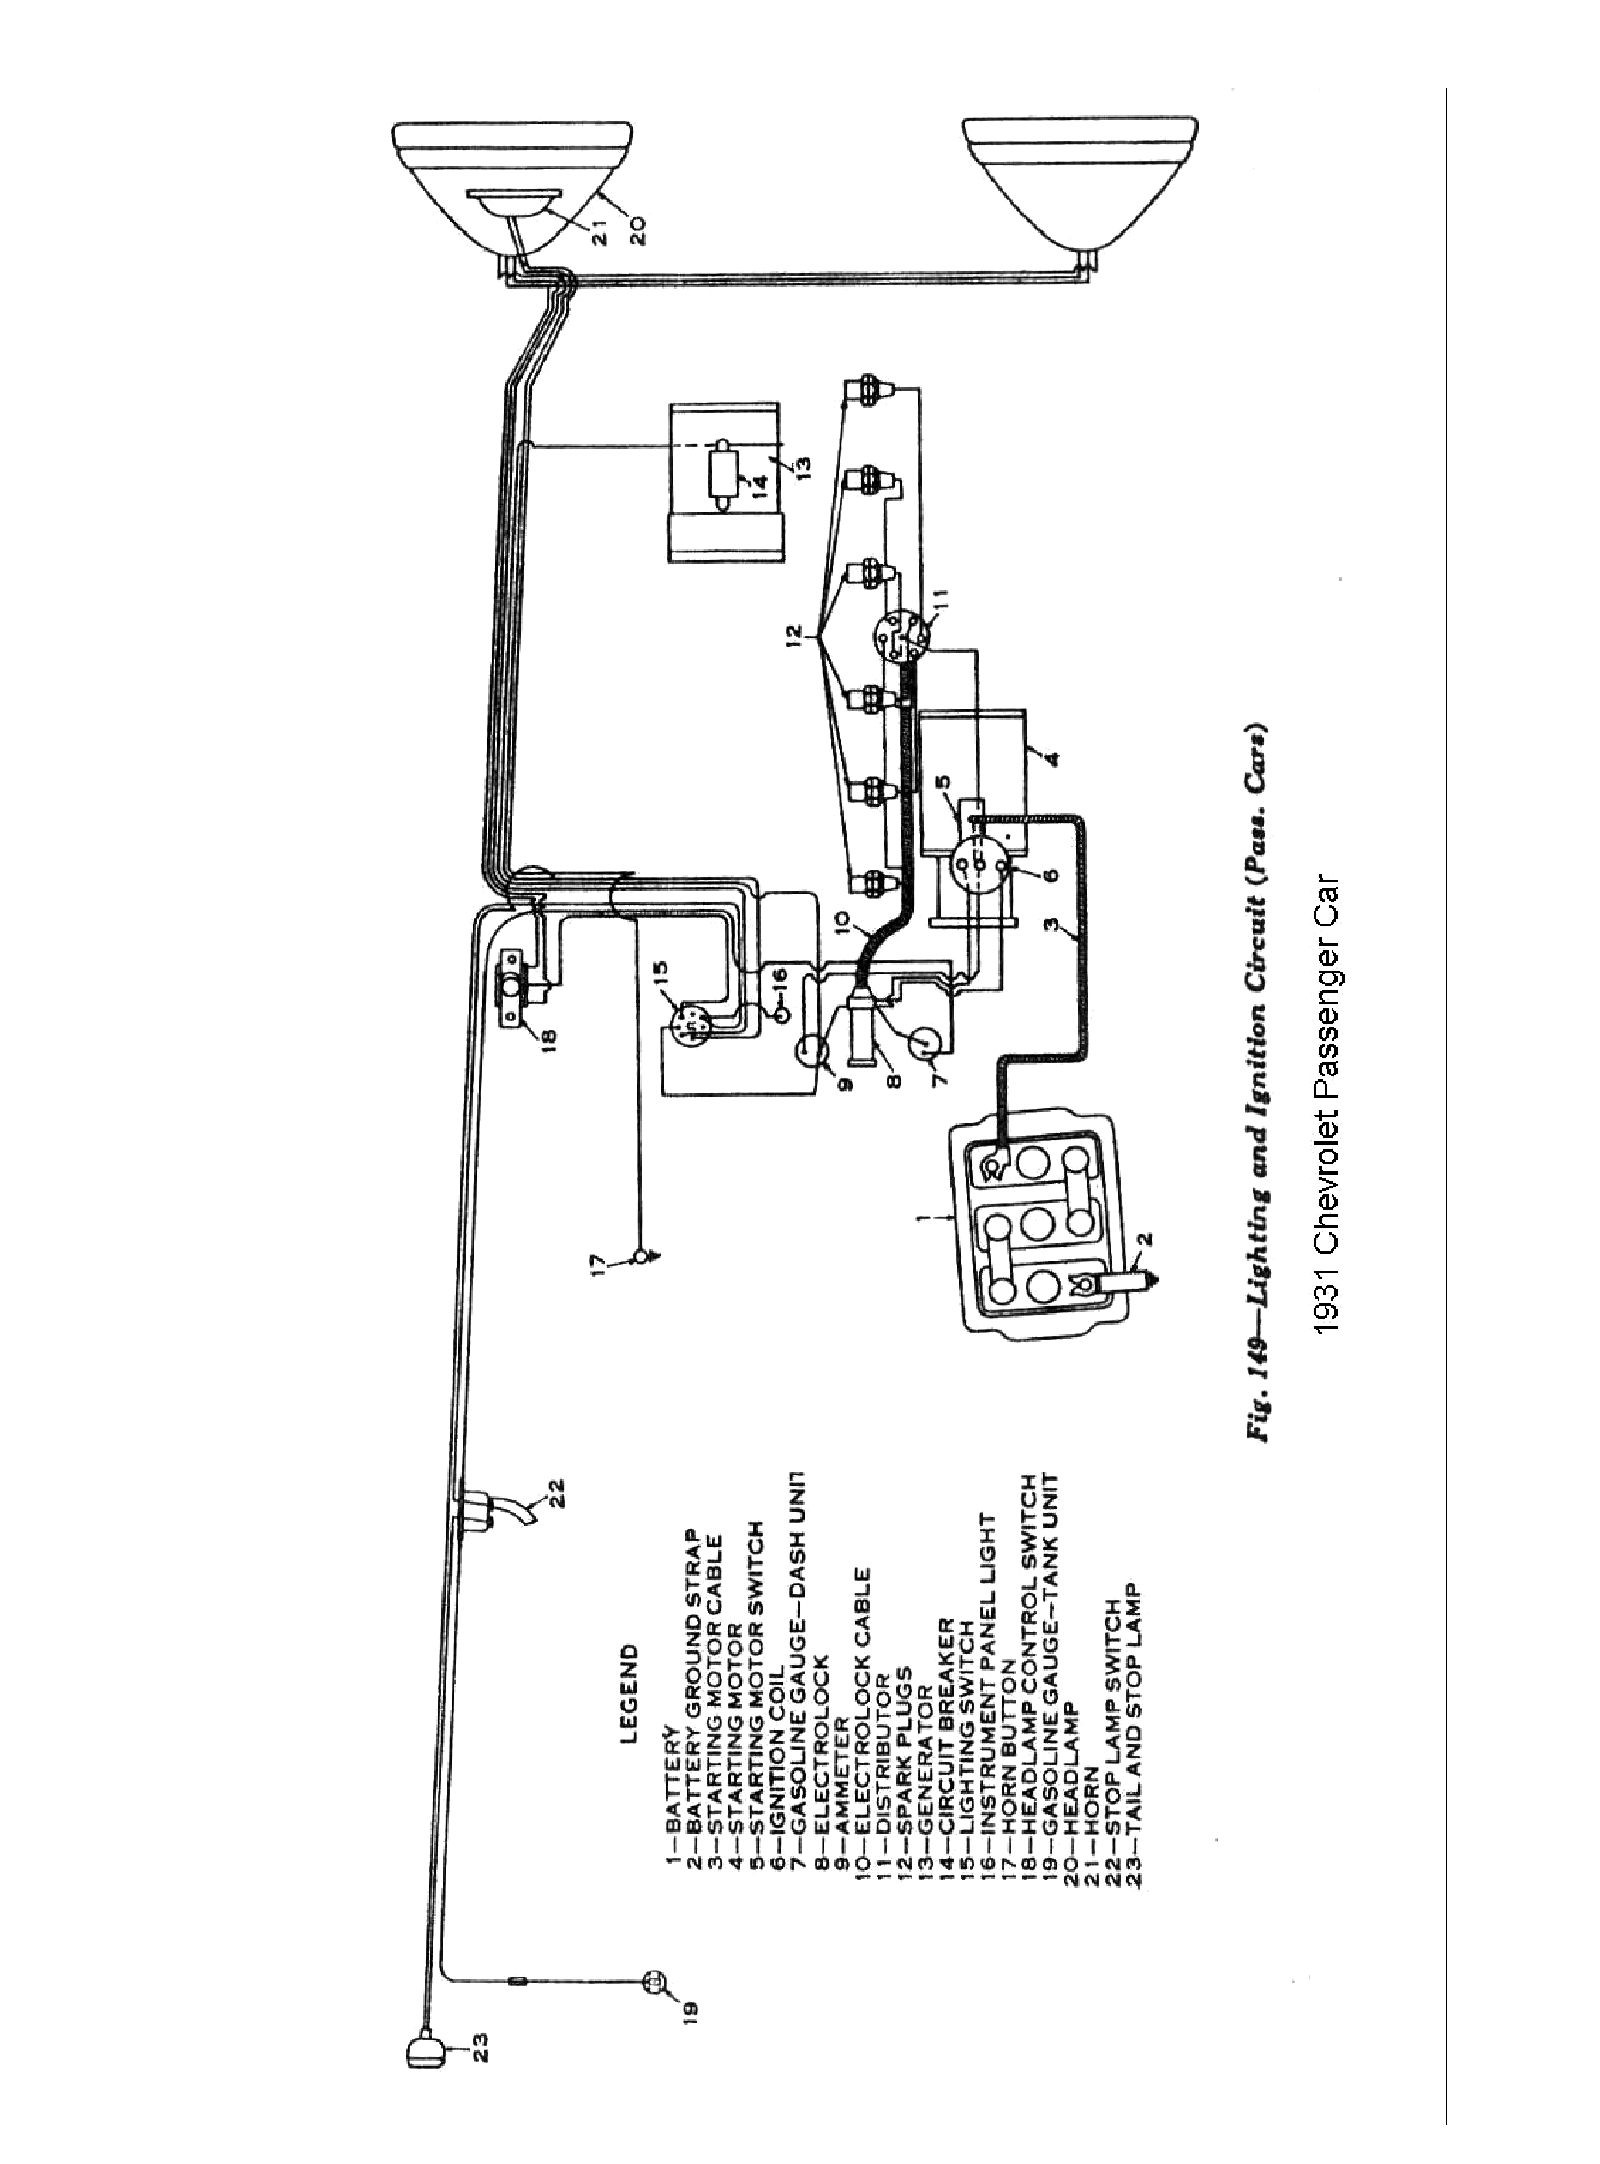 Yale Glc030 Wiring Diagram | Wiring Diagram on